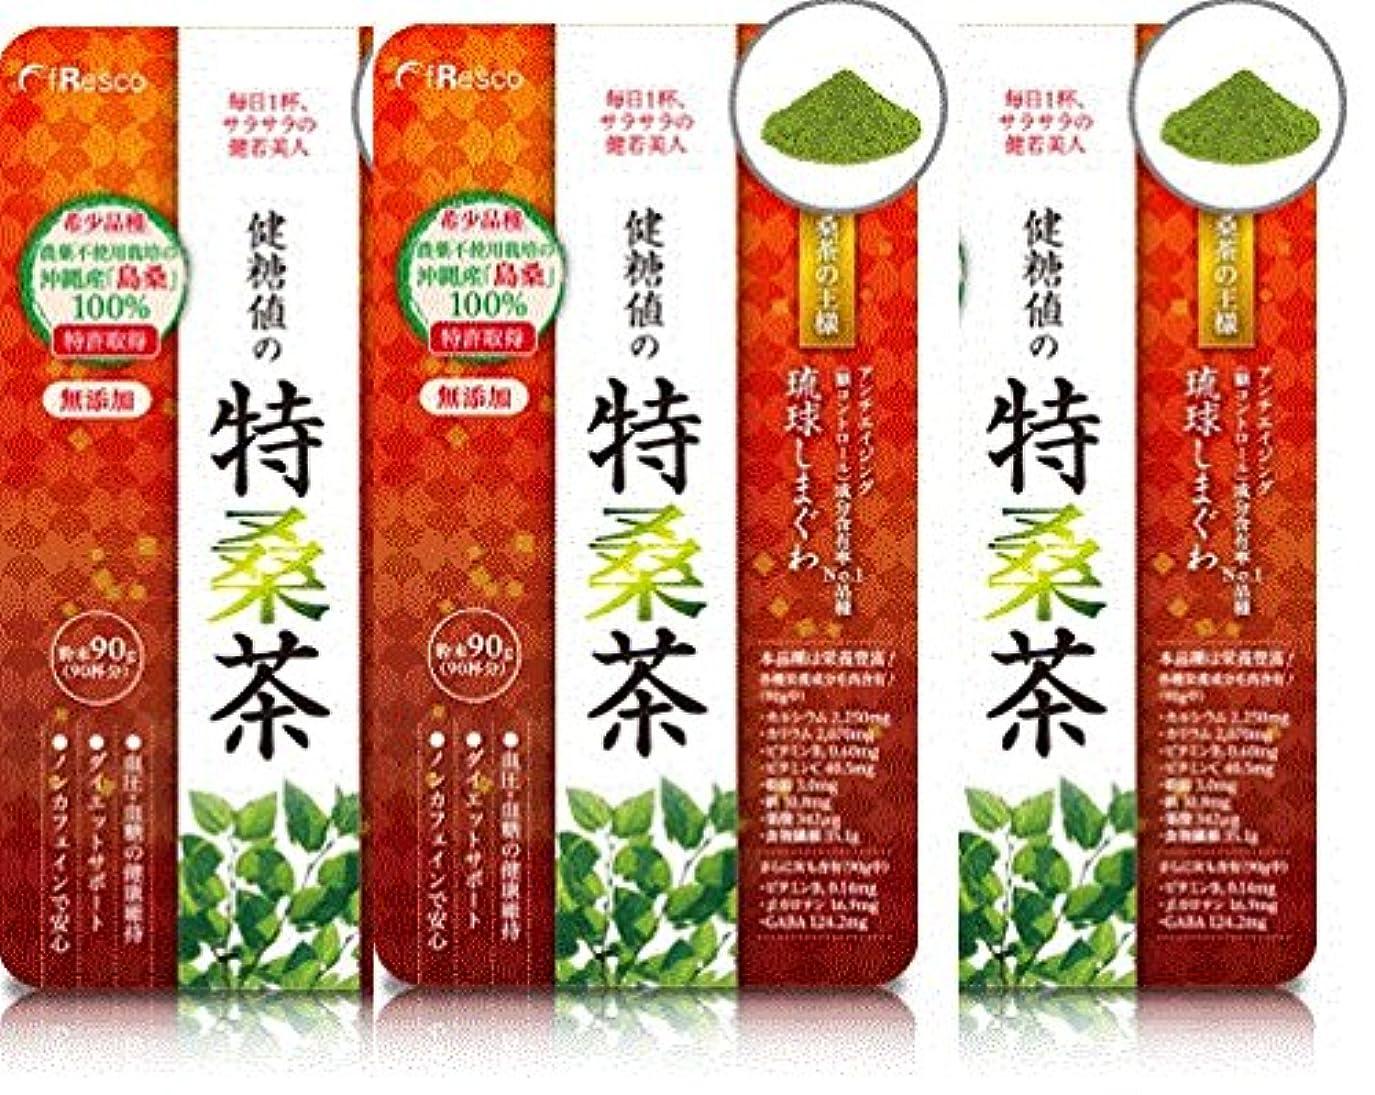 セッション海軍区画桑茶の王様 琉球しまぐわ 健糖値の特桑茶 270g(90g × 3袋) 【5%OFF】【送料無料】